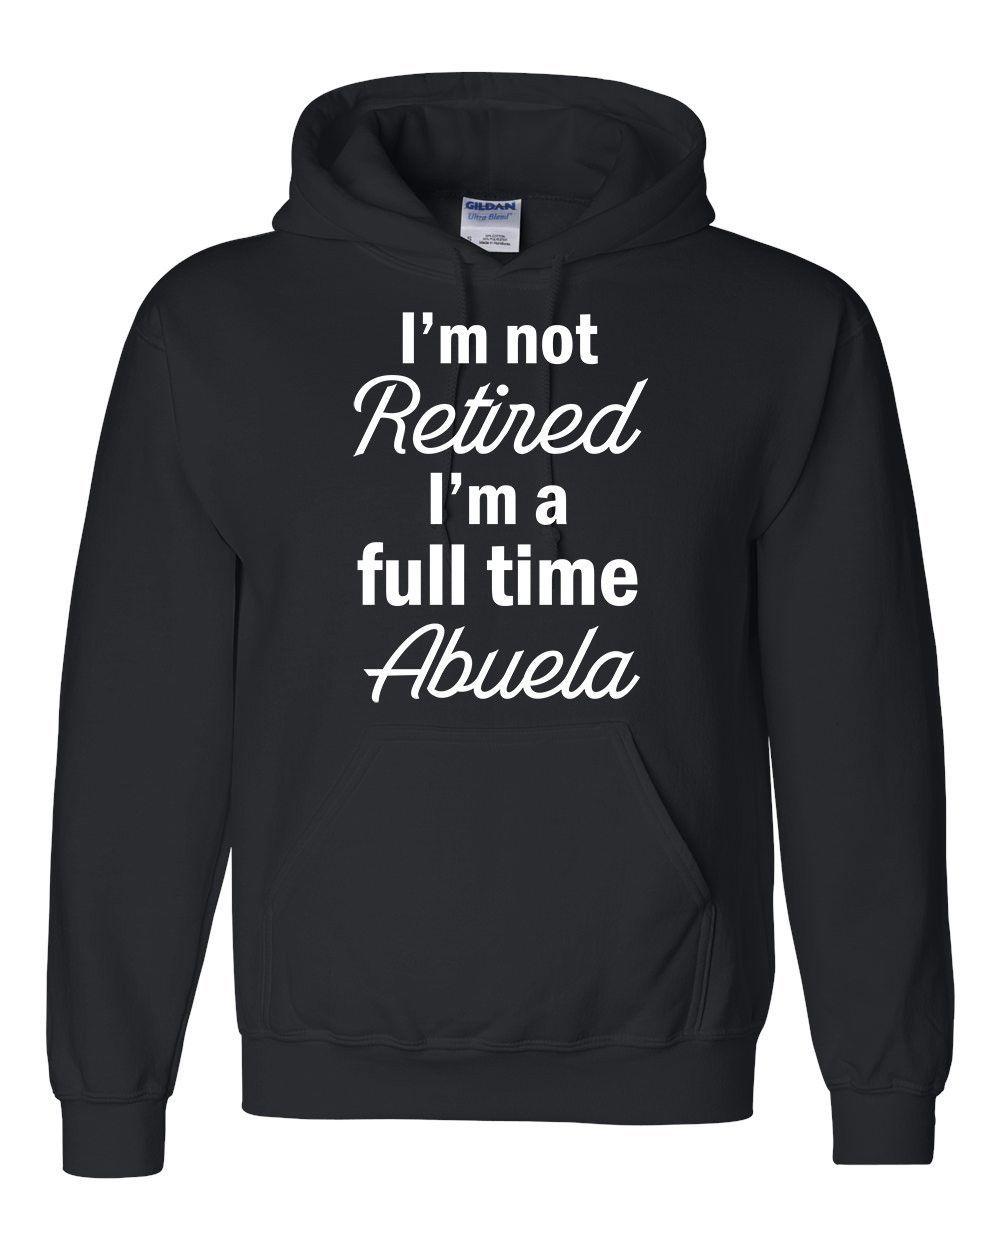 I'm not retired, I'm a full time abuela Hoodie #abuela  #giftforabuela  #birthdaygift #retired #family